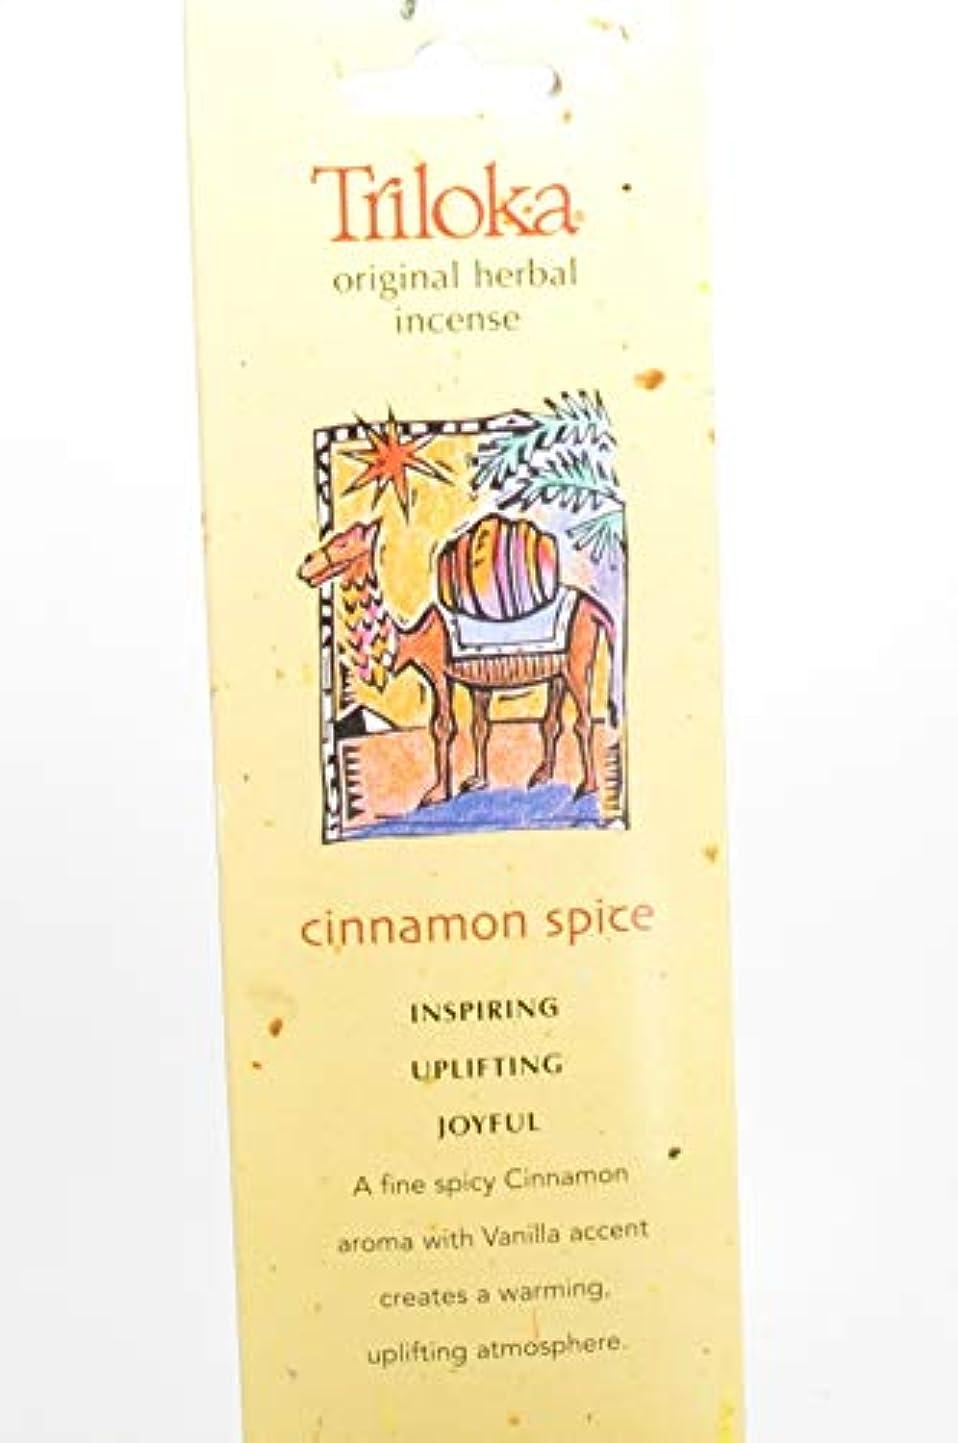 無心もの気付くCinnamon Spice – Triloka元Herbal Incense Sticks